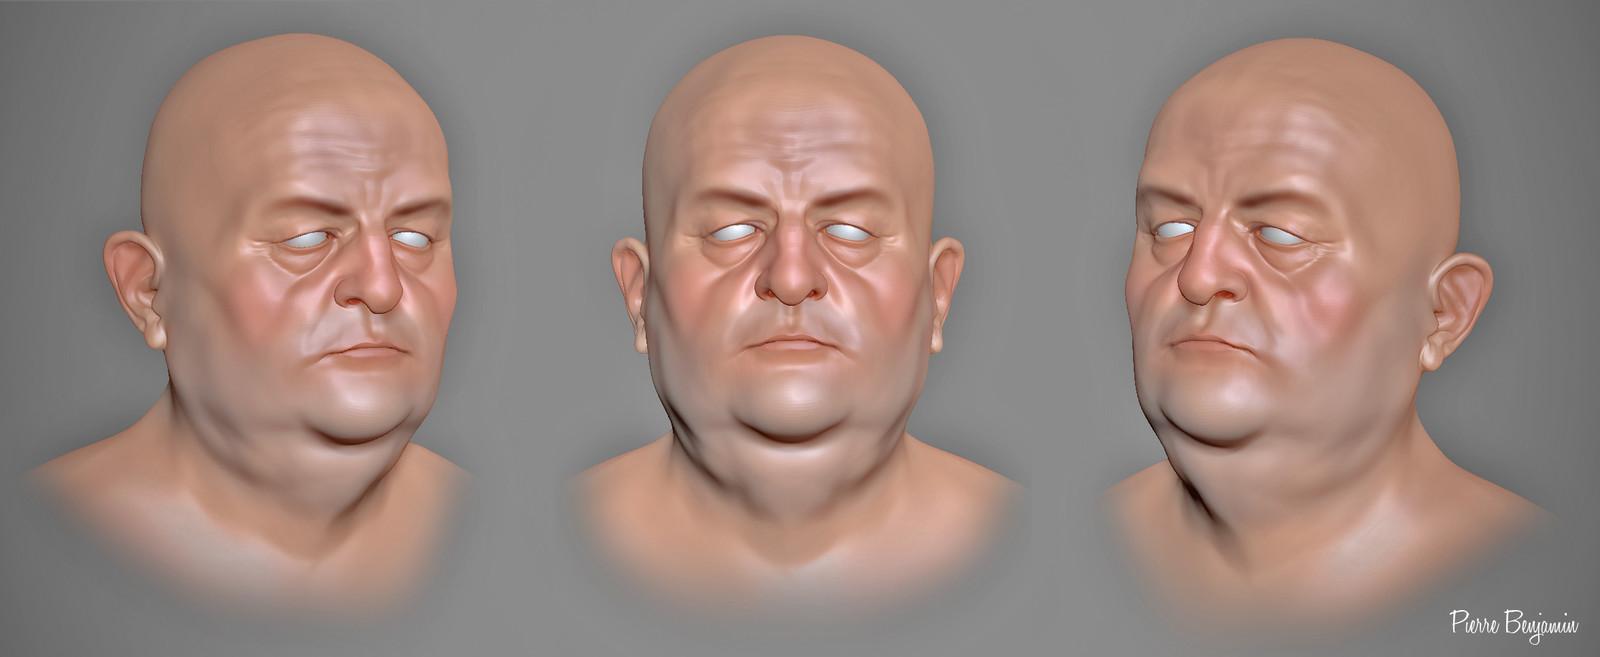 Bernard Blier ZBrush sculpt WIP